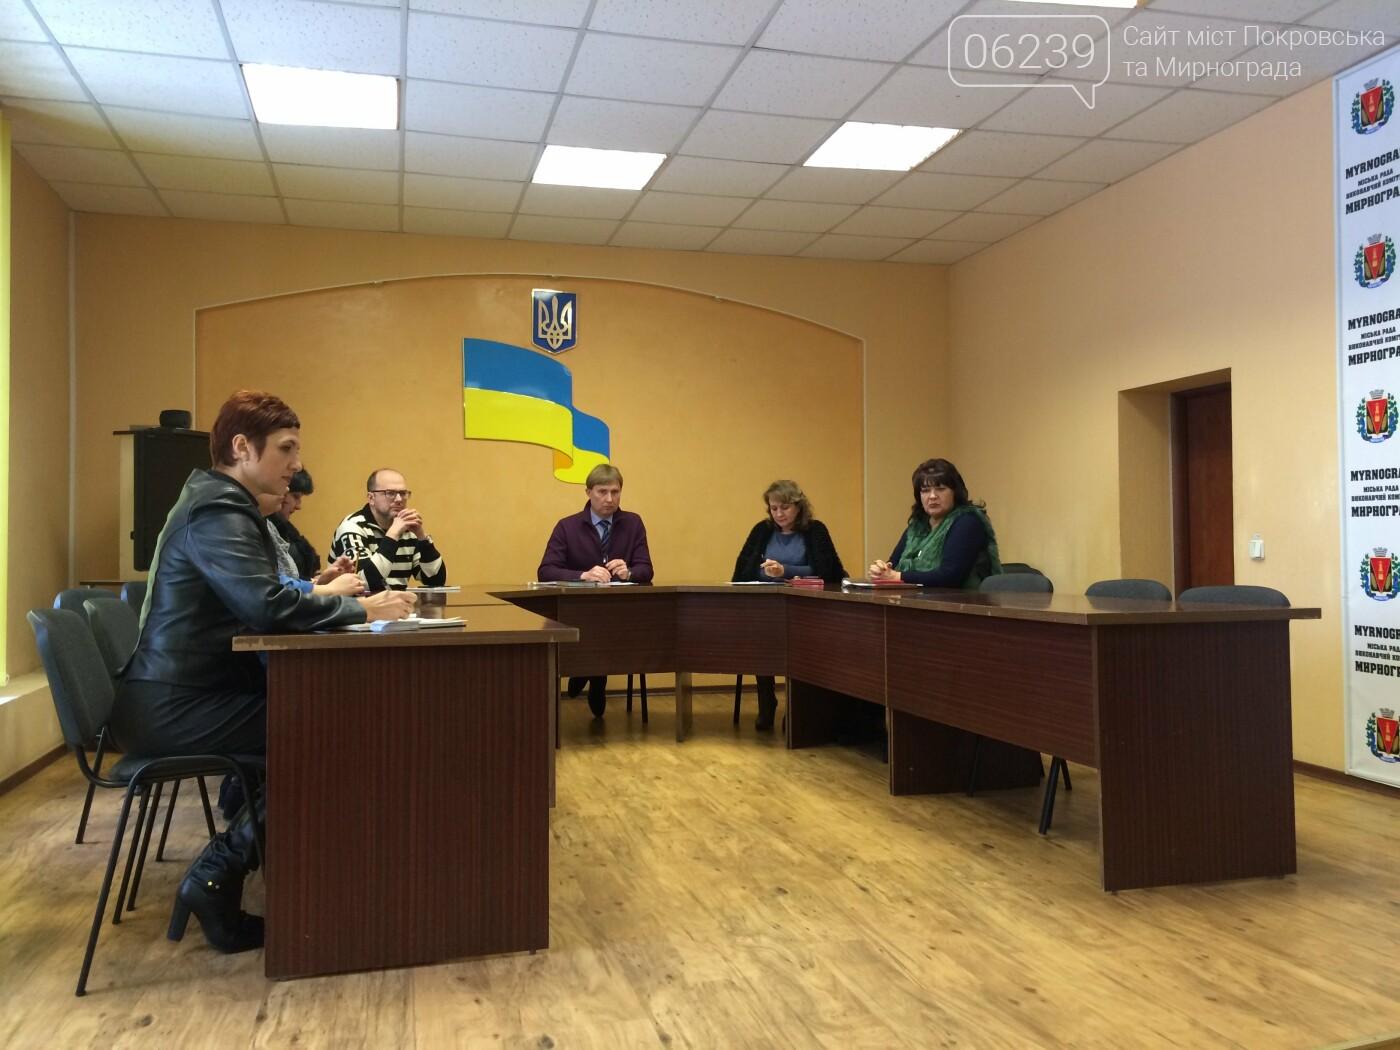 Покровск выделил Мирнограду 100 лотерейных билетов на мегатренинг Ицхака Пинтосевича, фото-1